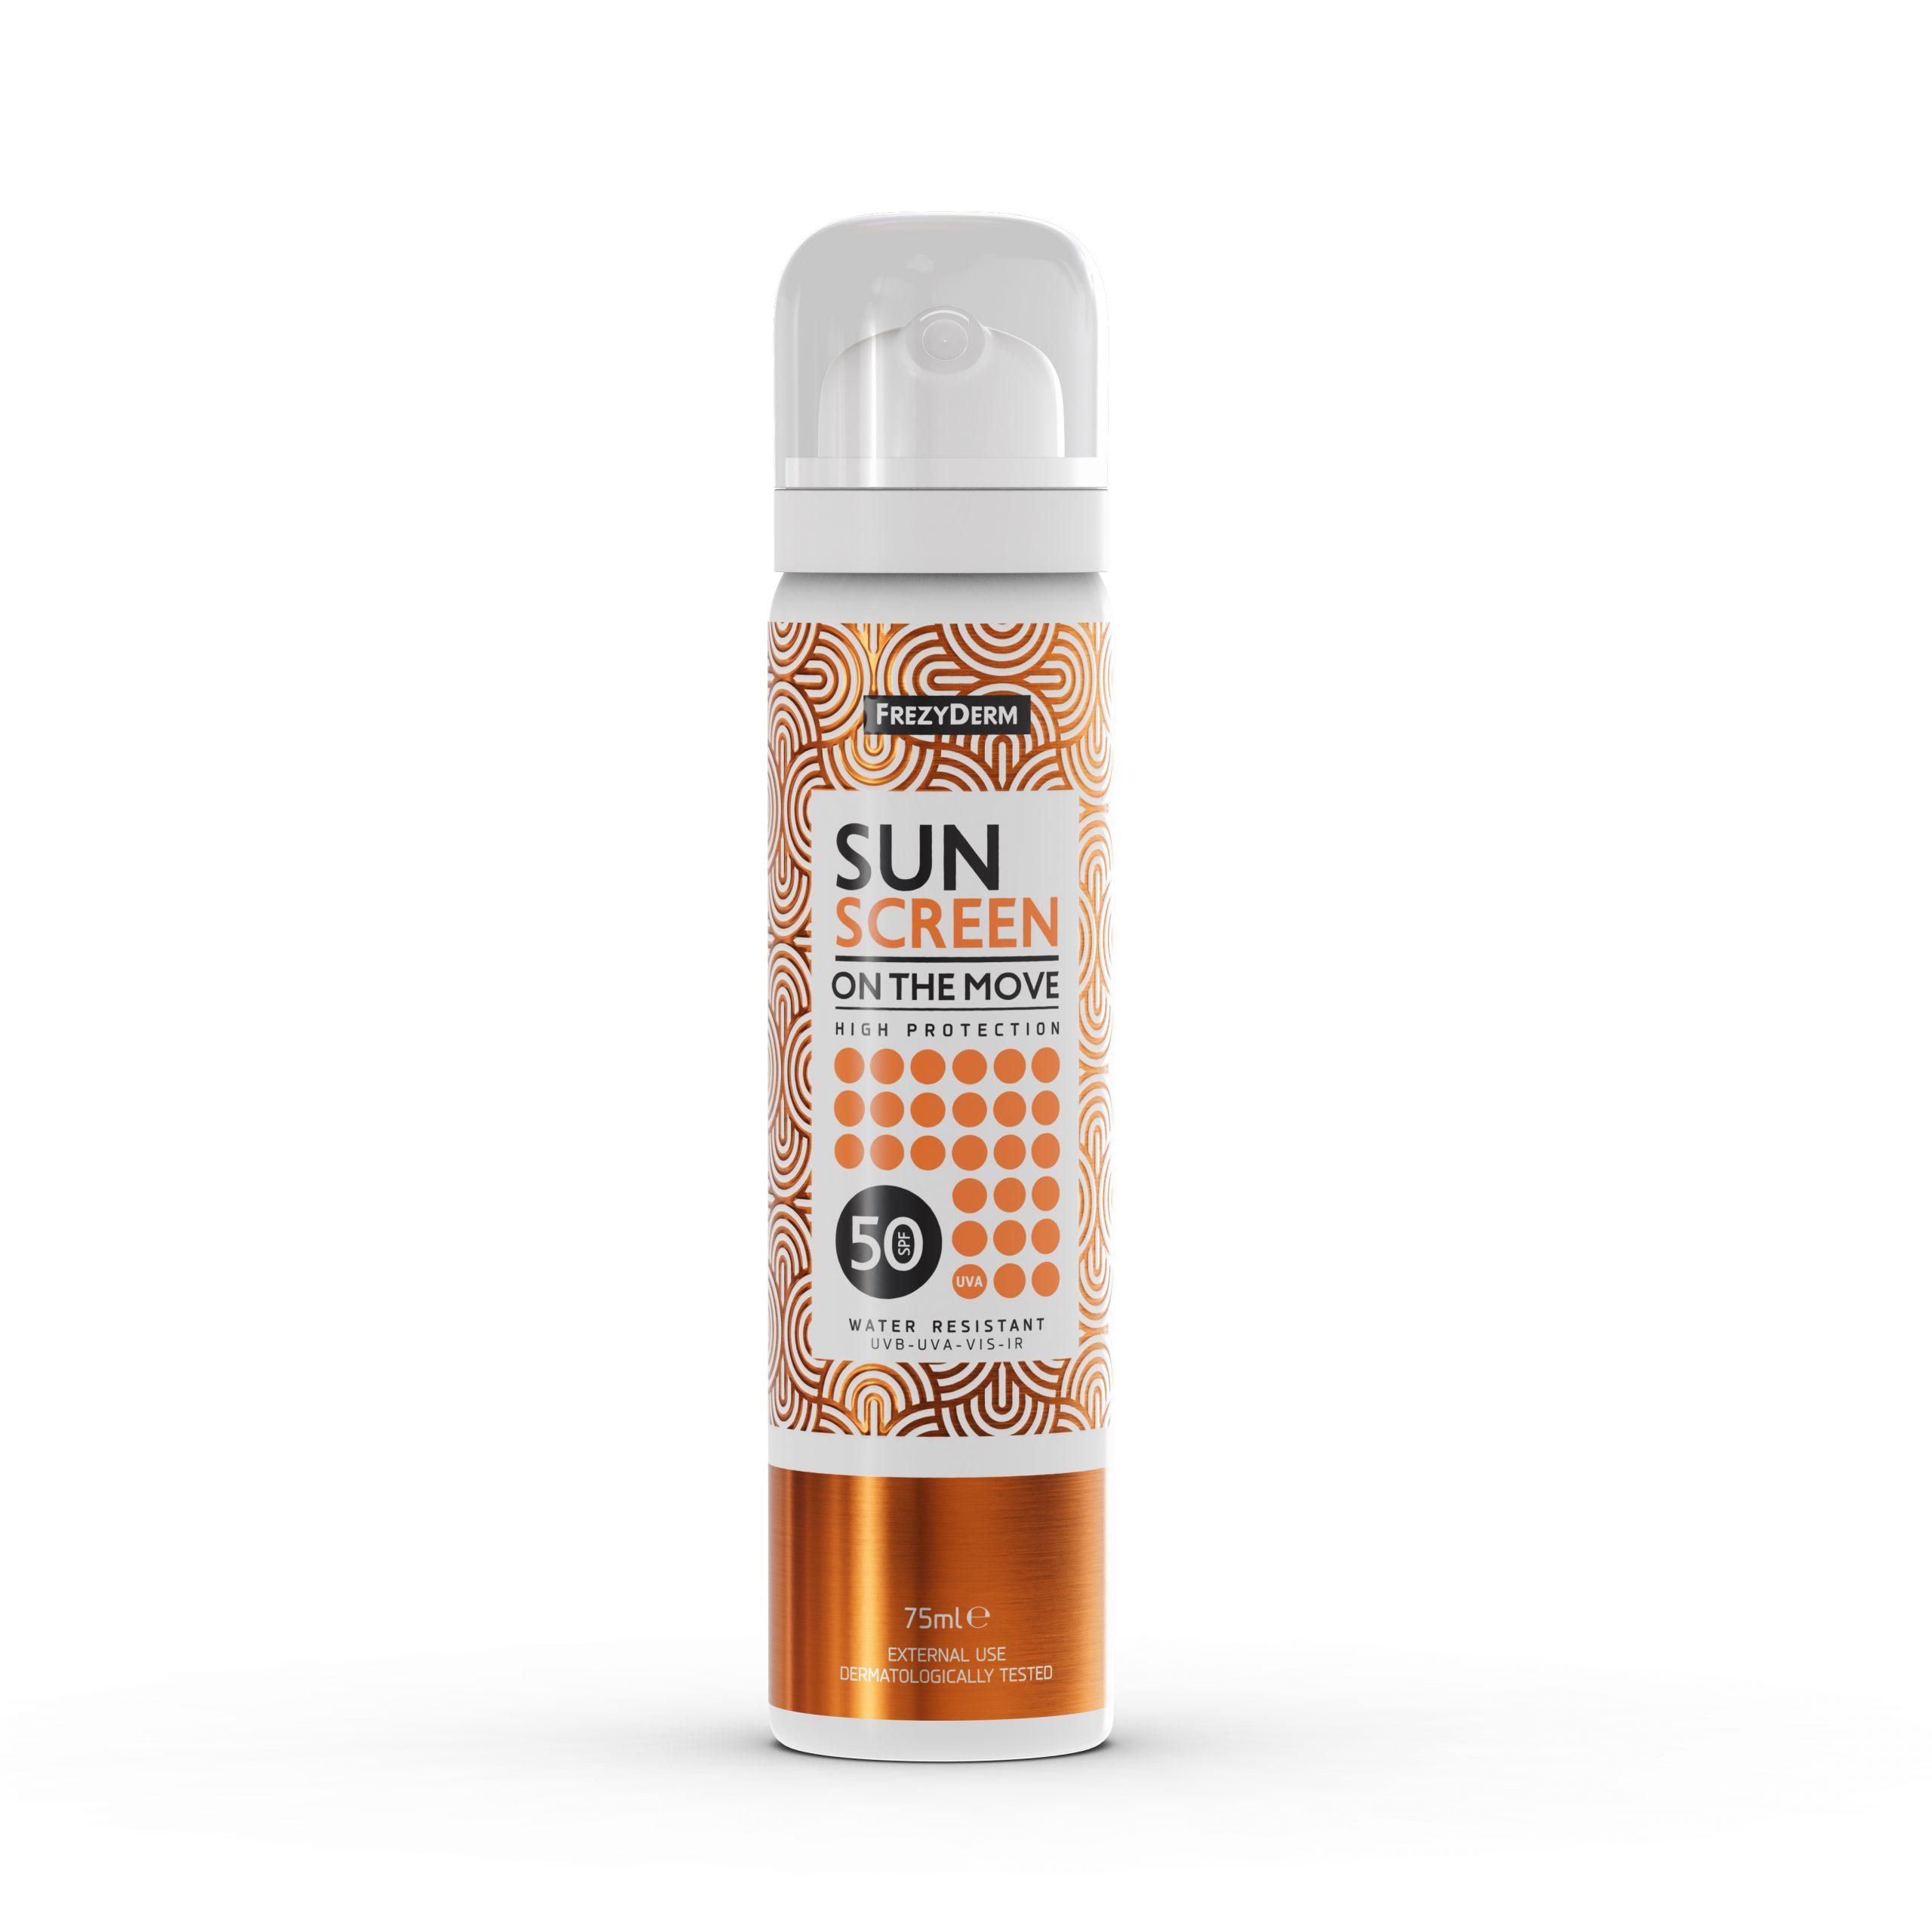 Χάρισε στο δέρμα σου express προστασία με το νέο αντηλιακό σπρέι SUN SCREEN ON THE MOVE SPF 50 από τη FREZYDERM